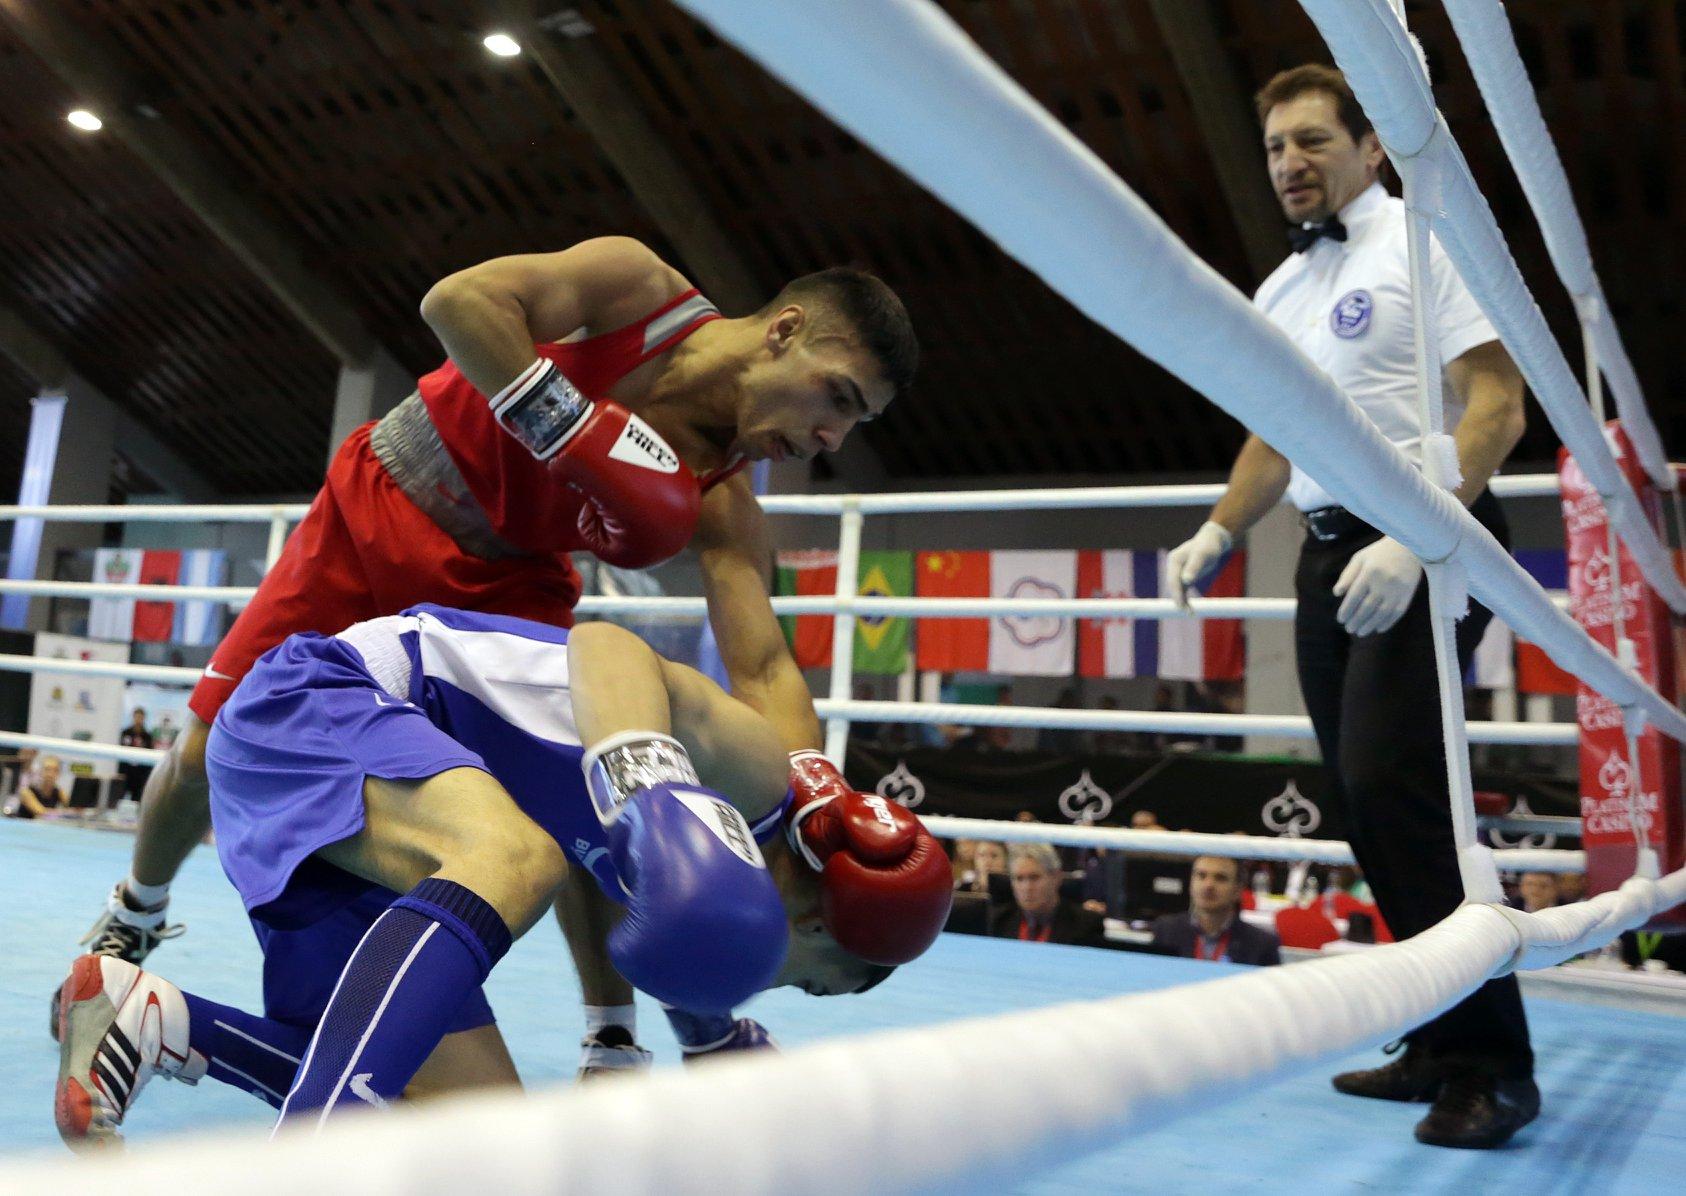 Българските боксьори научиха жребия си на световното първенство